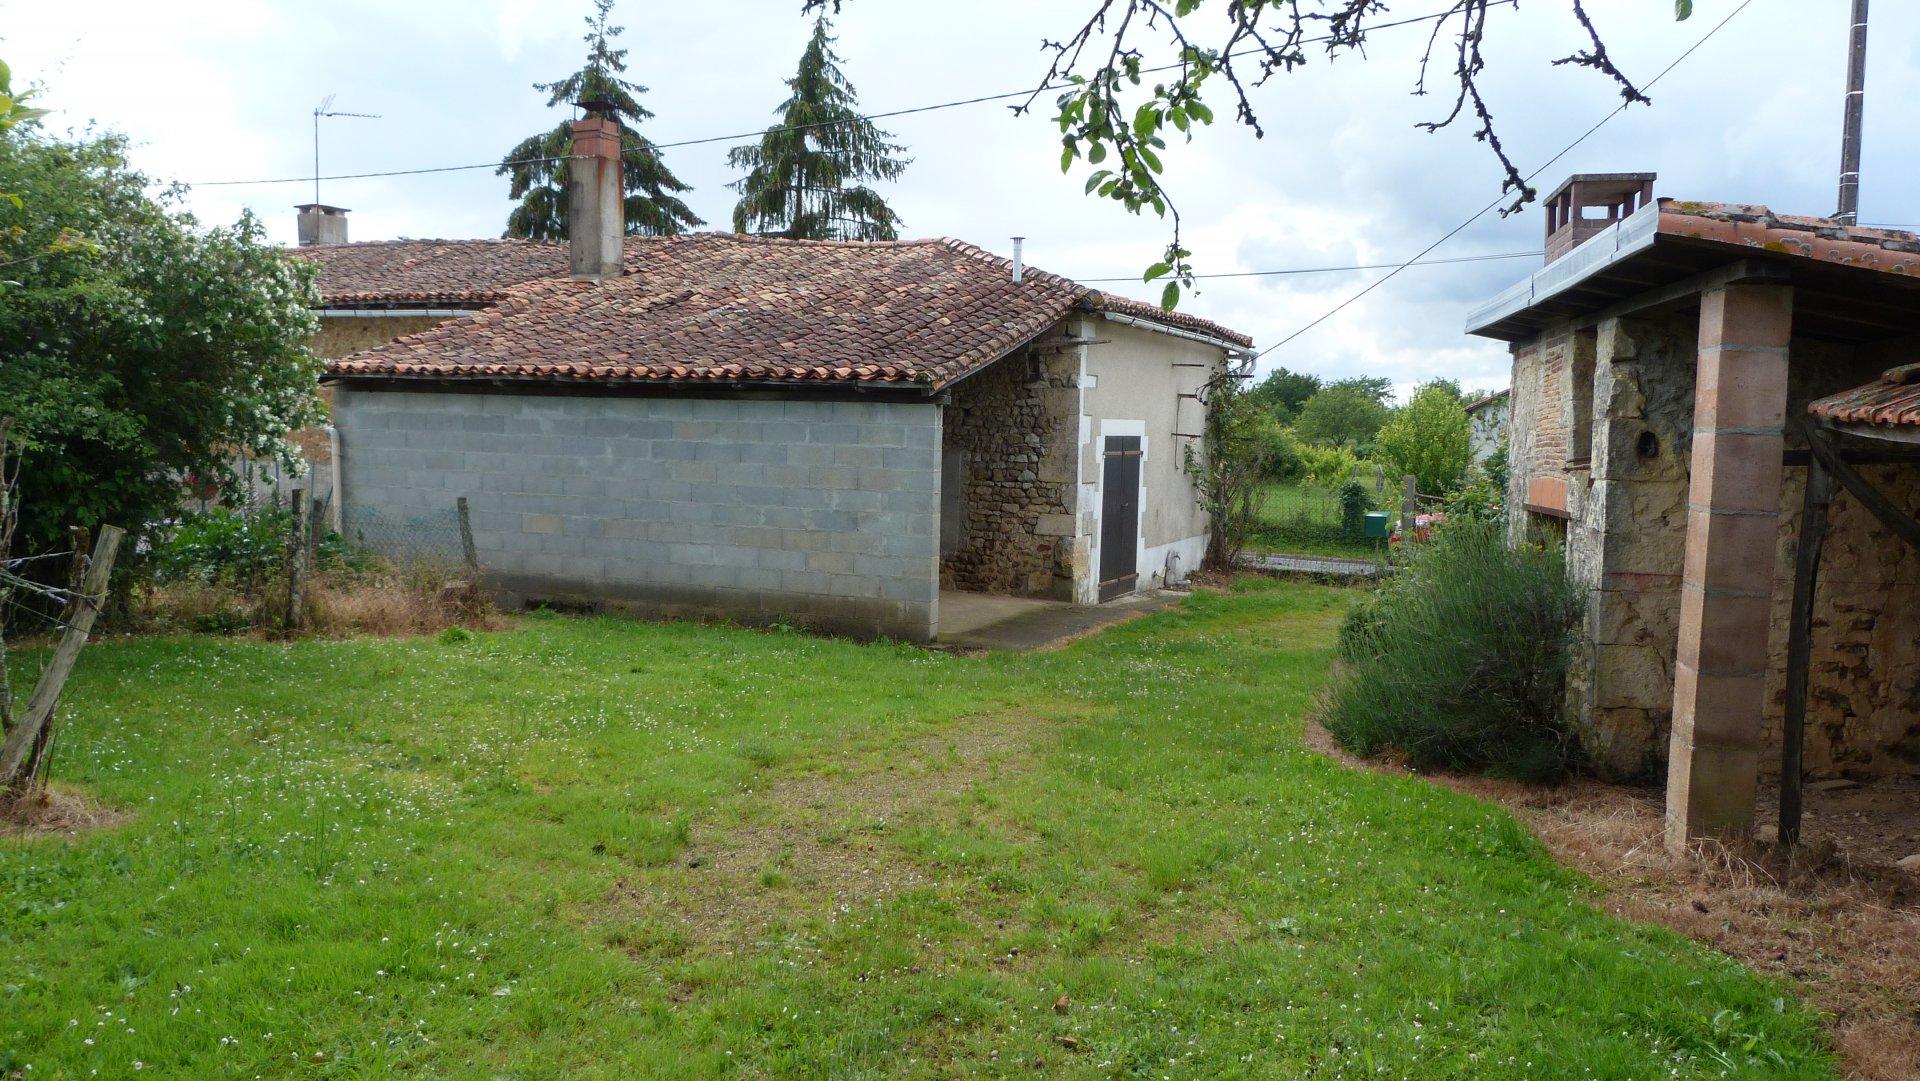 House in a quiet village.